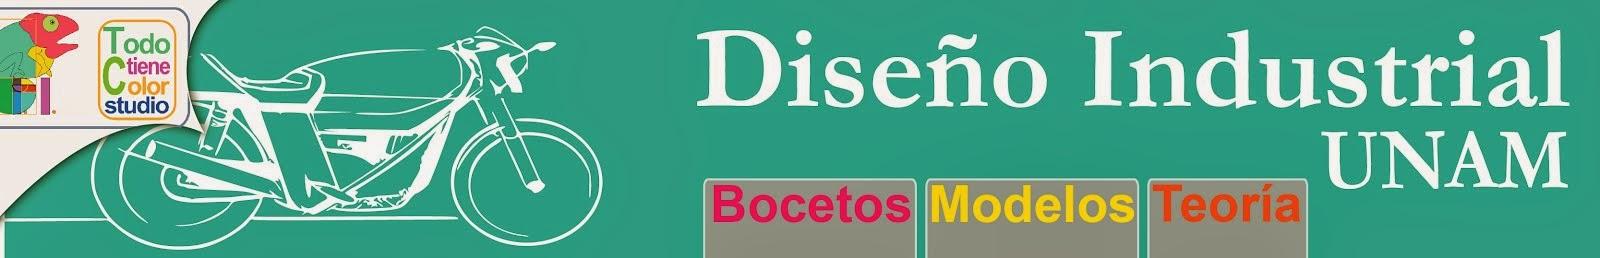 Diseño Industrial UNAM